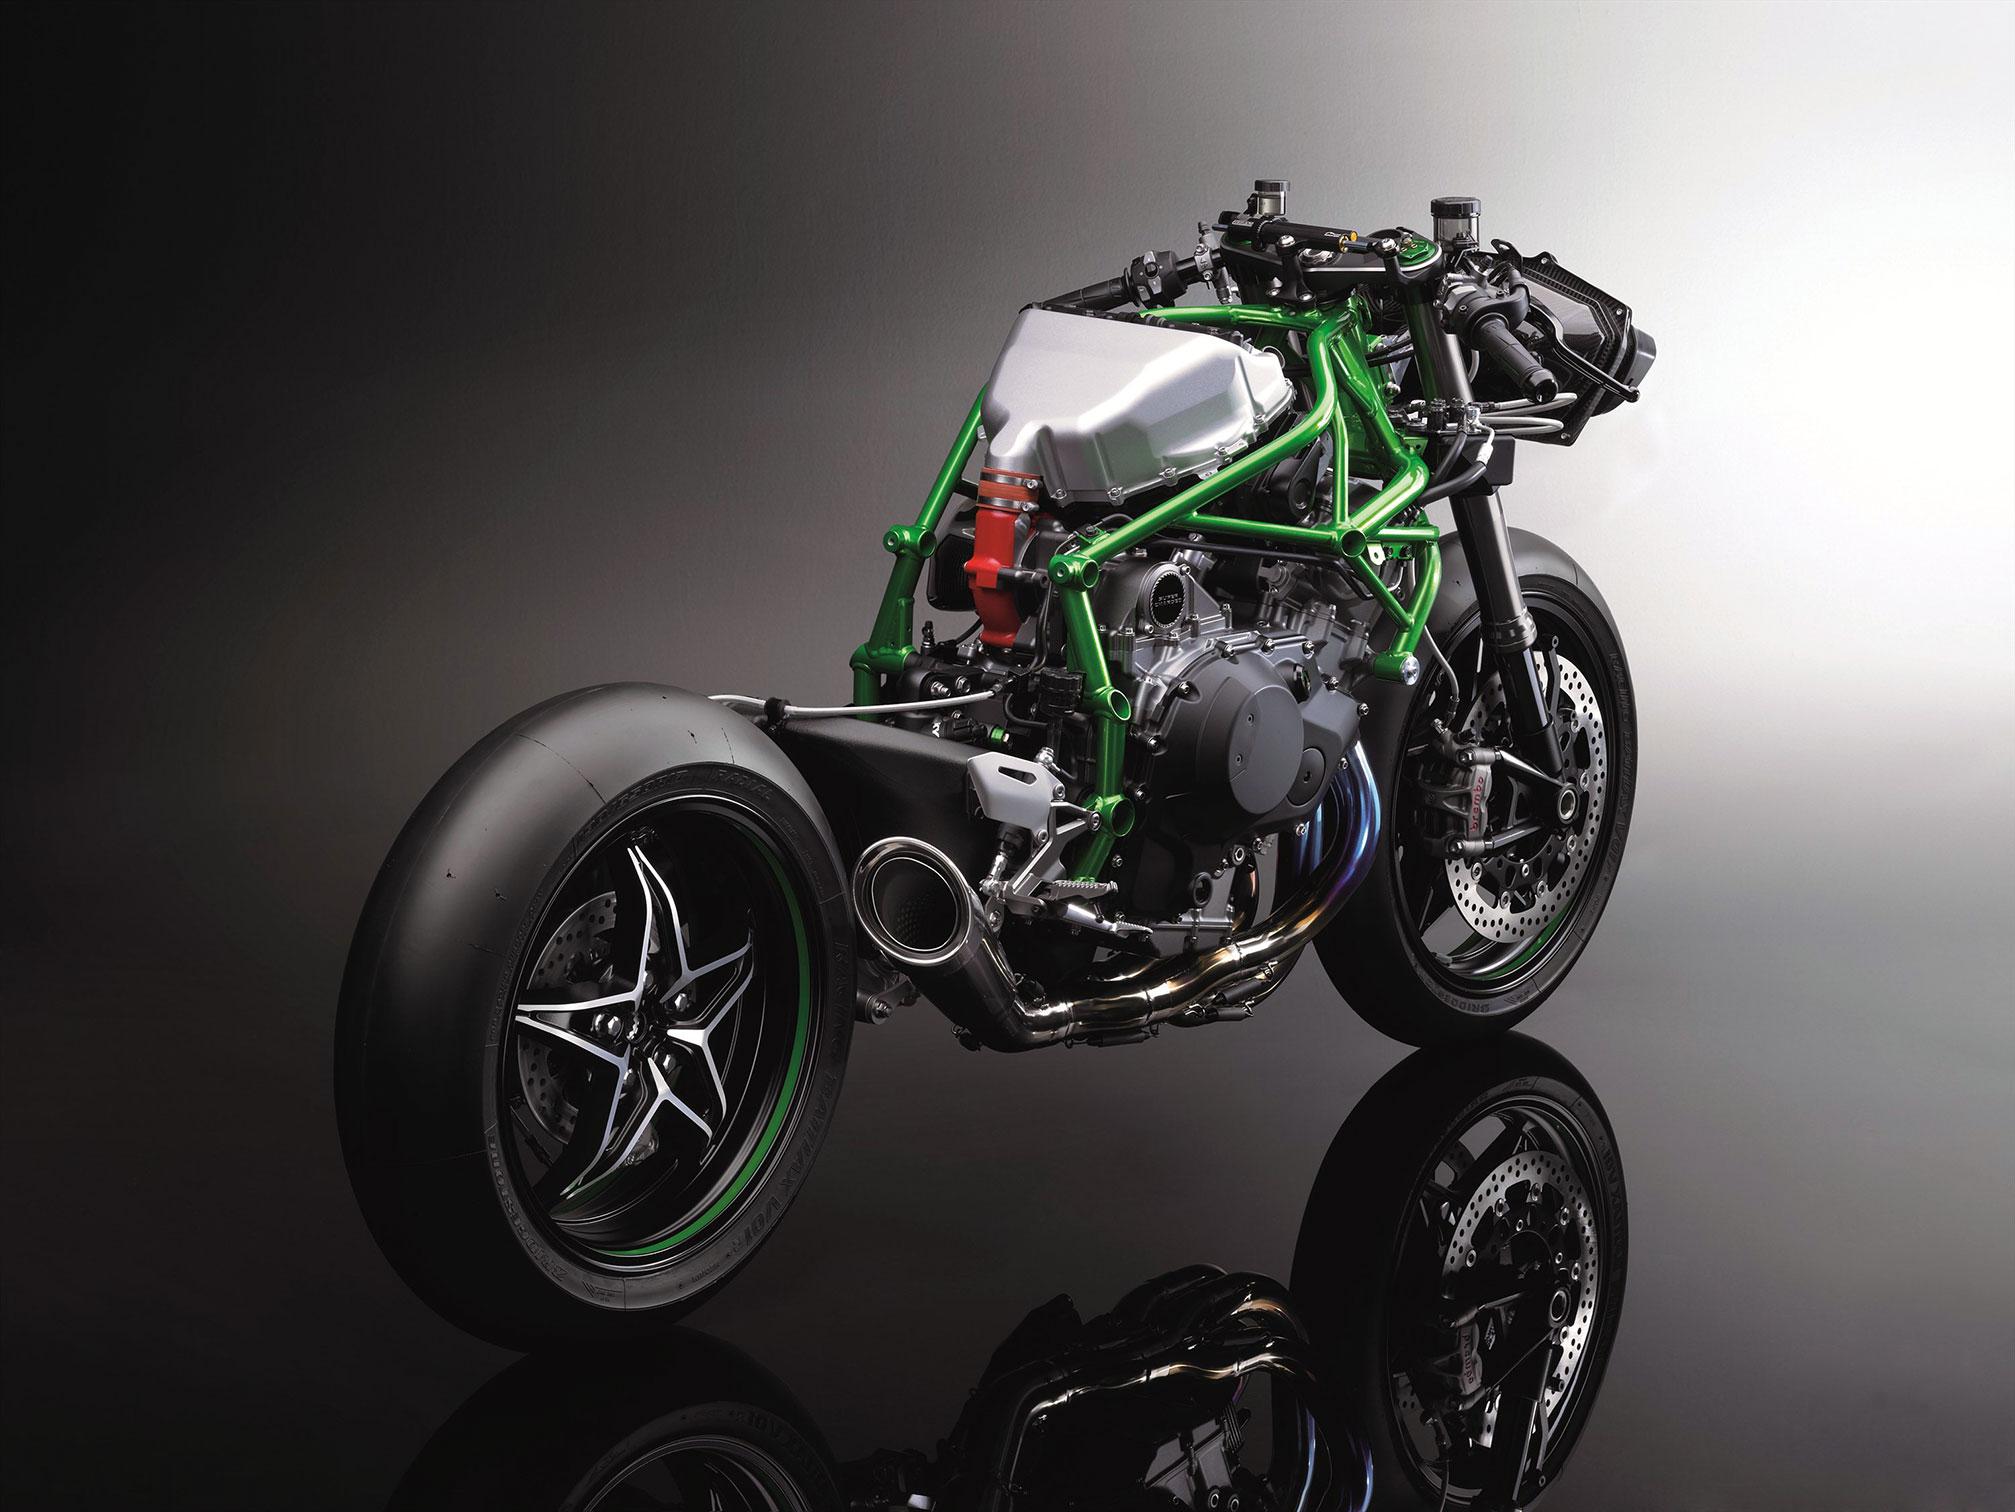 【川崎ninja H2r摩托车高清壁纸】 摩托车图片库 摩托车之家